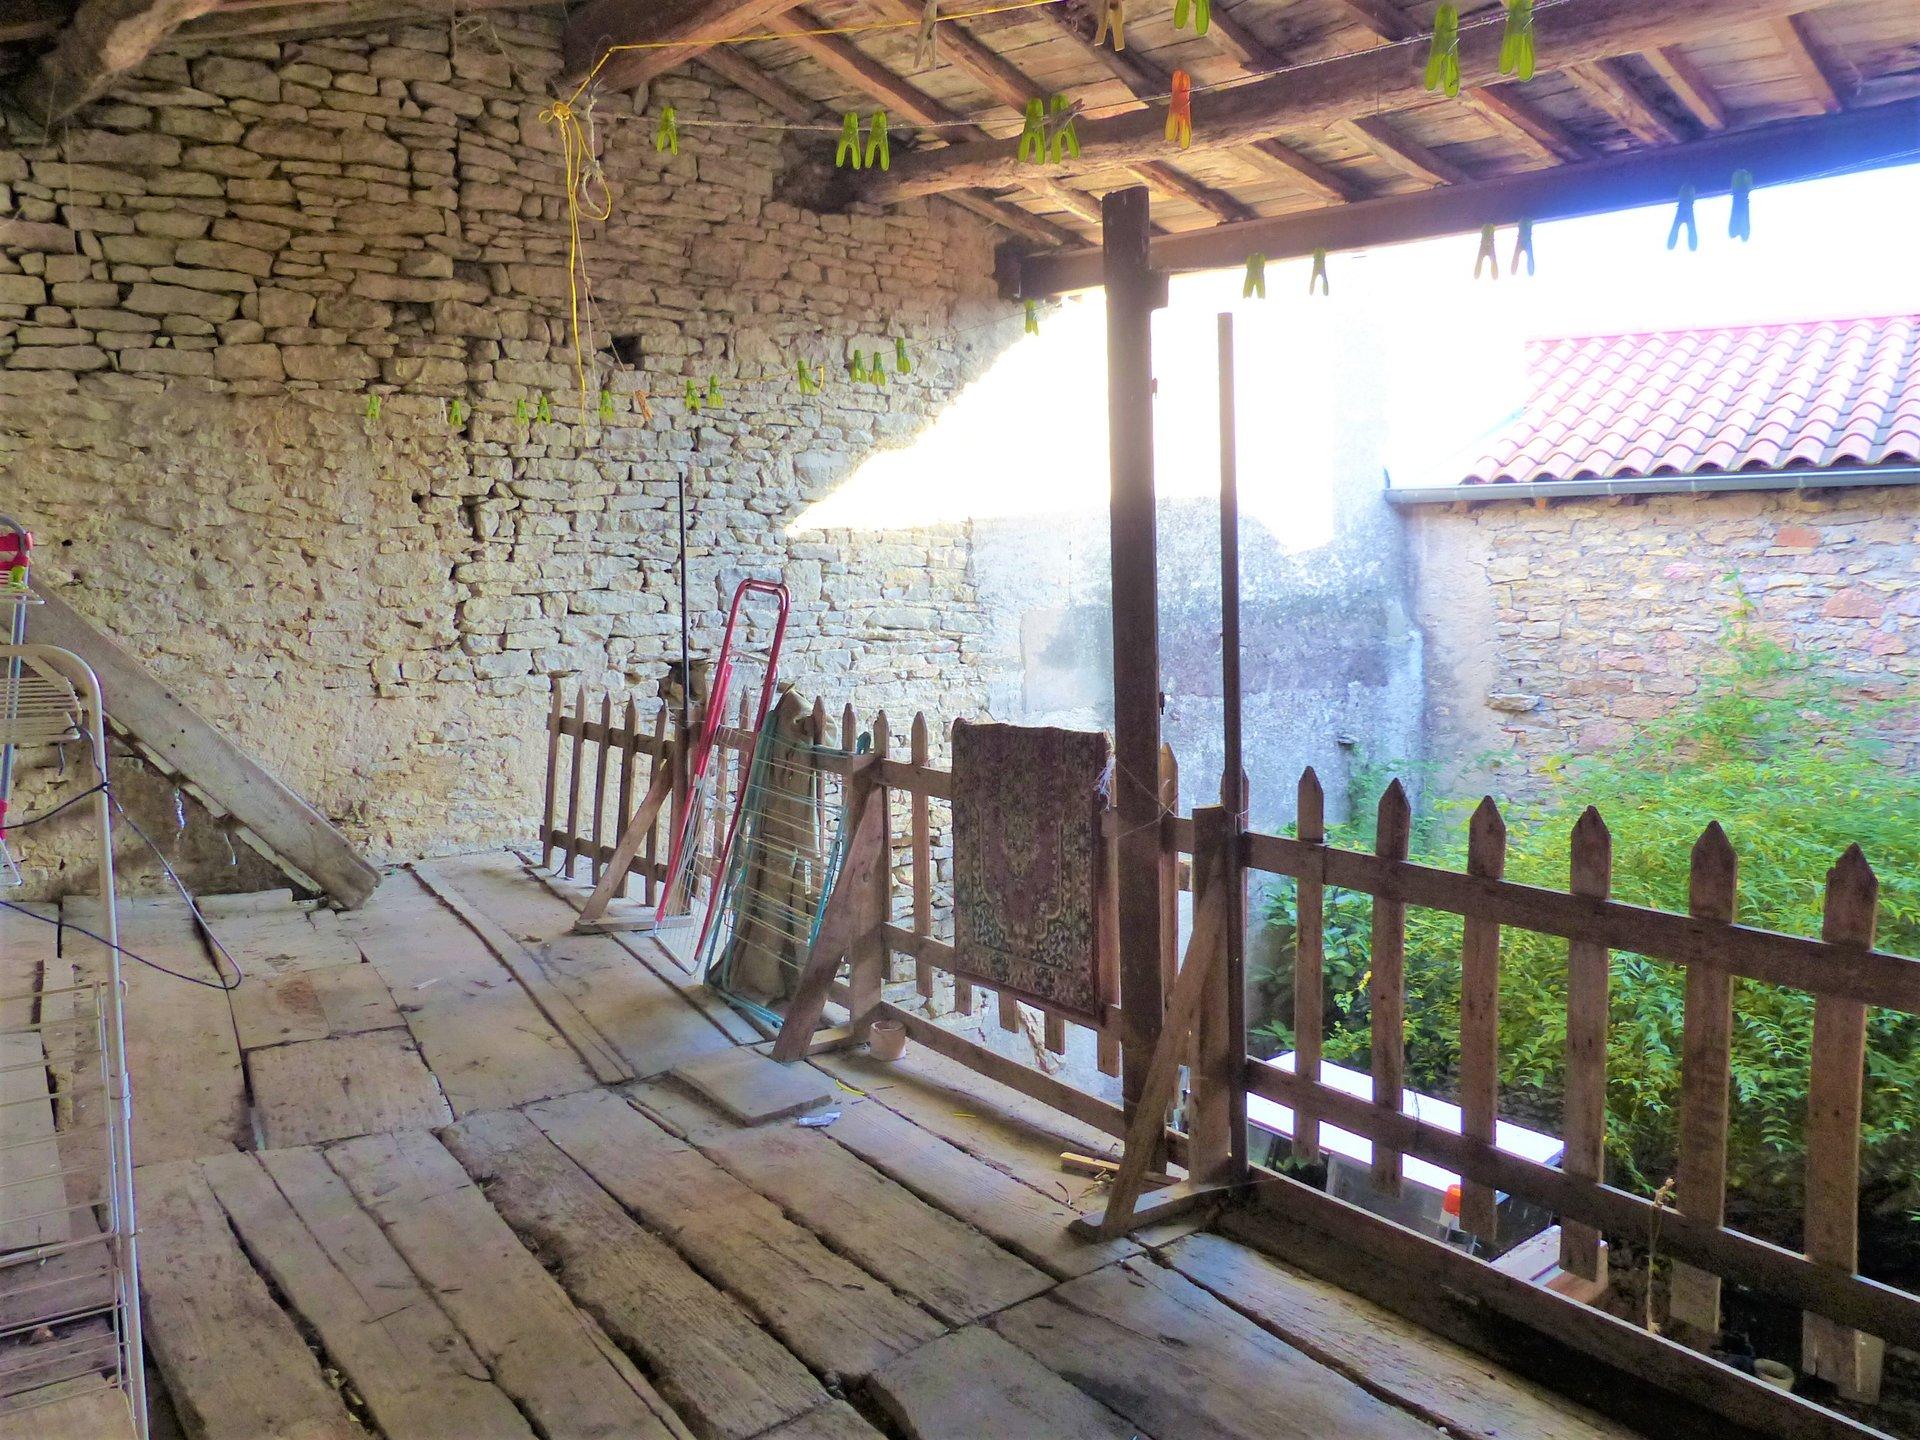 A 10 mn de Mâcon, bien placée dans le village de Sennecé, maison de charme à rénover.  Elle dispose de nombreuses caves en rez de chaussée (avec accès indépendant), puis d'une partie habitable au premier étage composée d'un salon avec cheminée et pierres apparentes, d'une cuisine, de trois chambres et d'une salle de bains.  Travaux à prévoir mais très beau potentiel d'aménagement !  Le plus : une cour intérieure à aménager pour donner encore plus de charme à cette habitation.  Si vous souhaitez un bien avec du cachet et que vous n'avez pas peur des travaux, cette maison n'attend plus que vous ! Honoraires à la charge du vendeur.